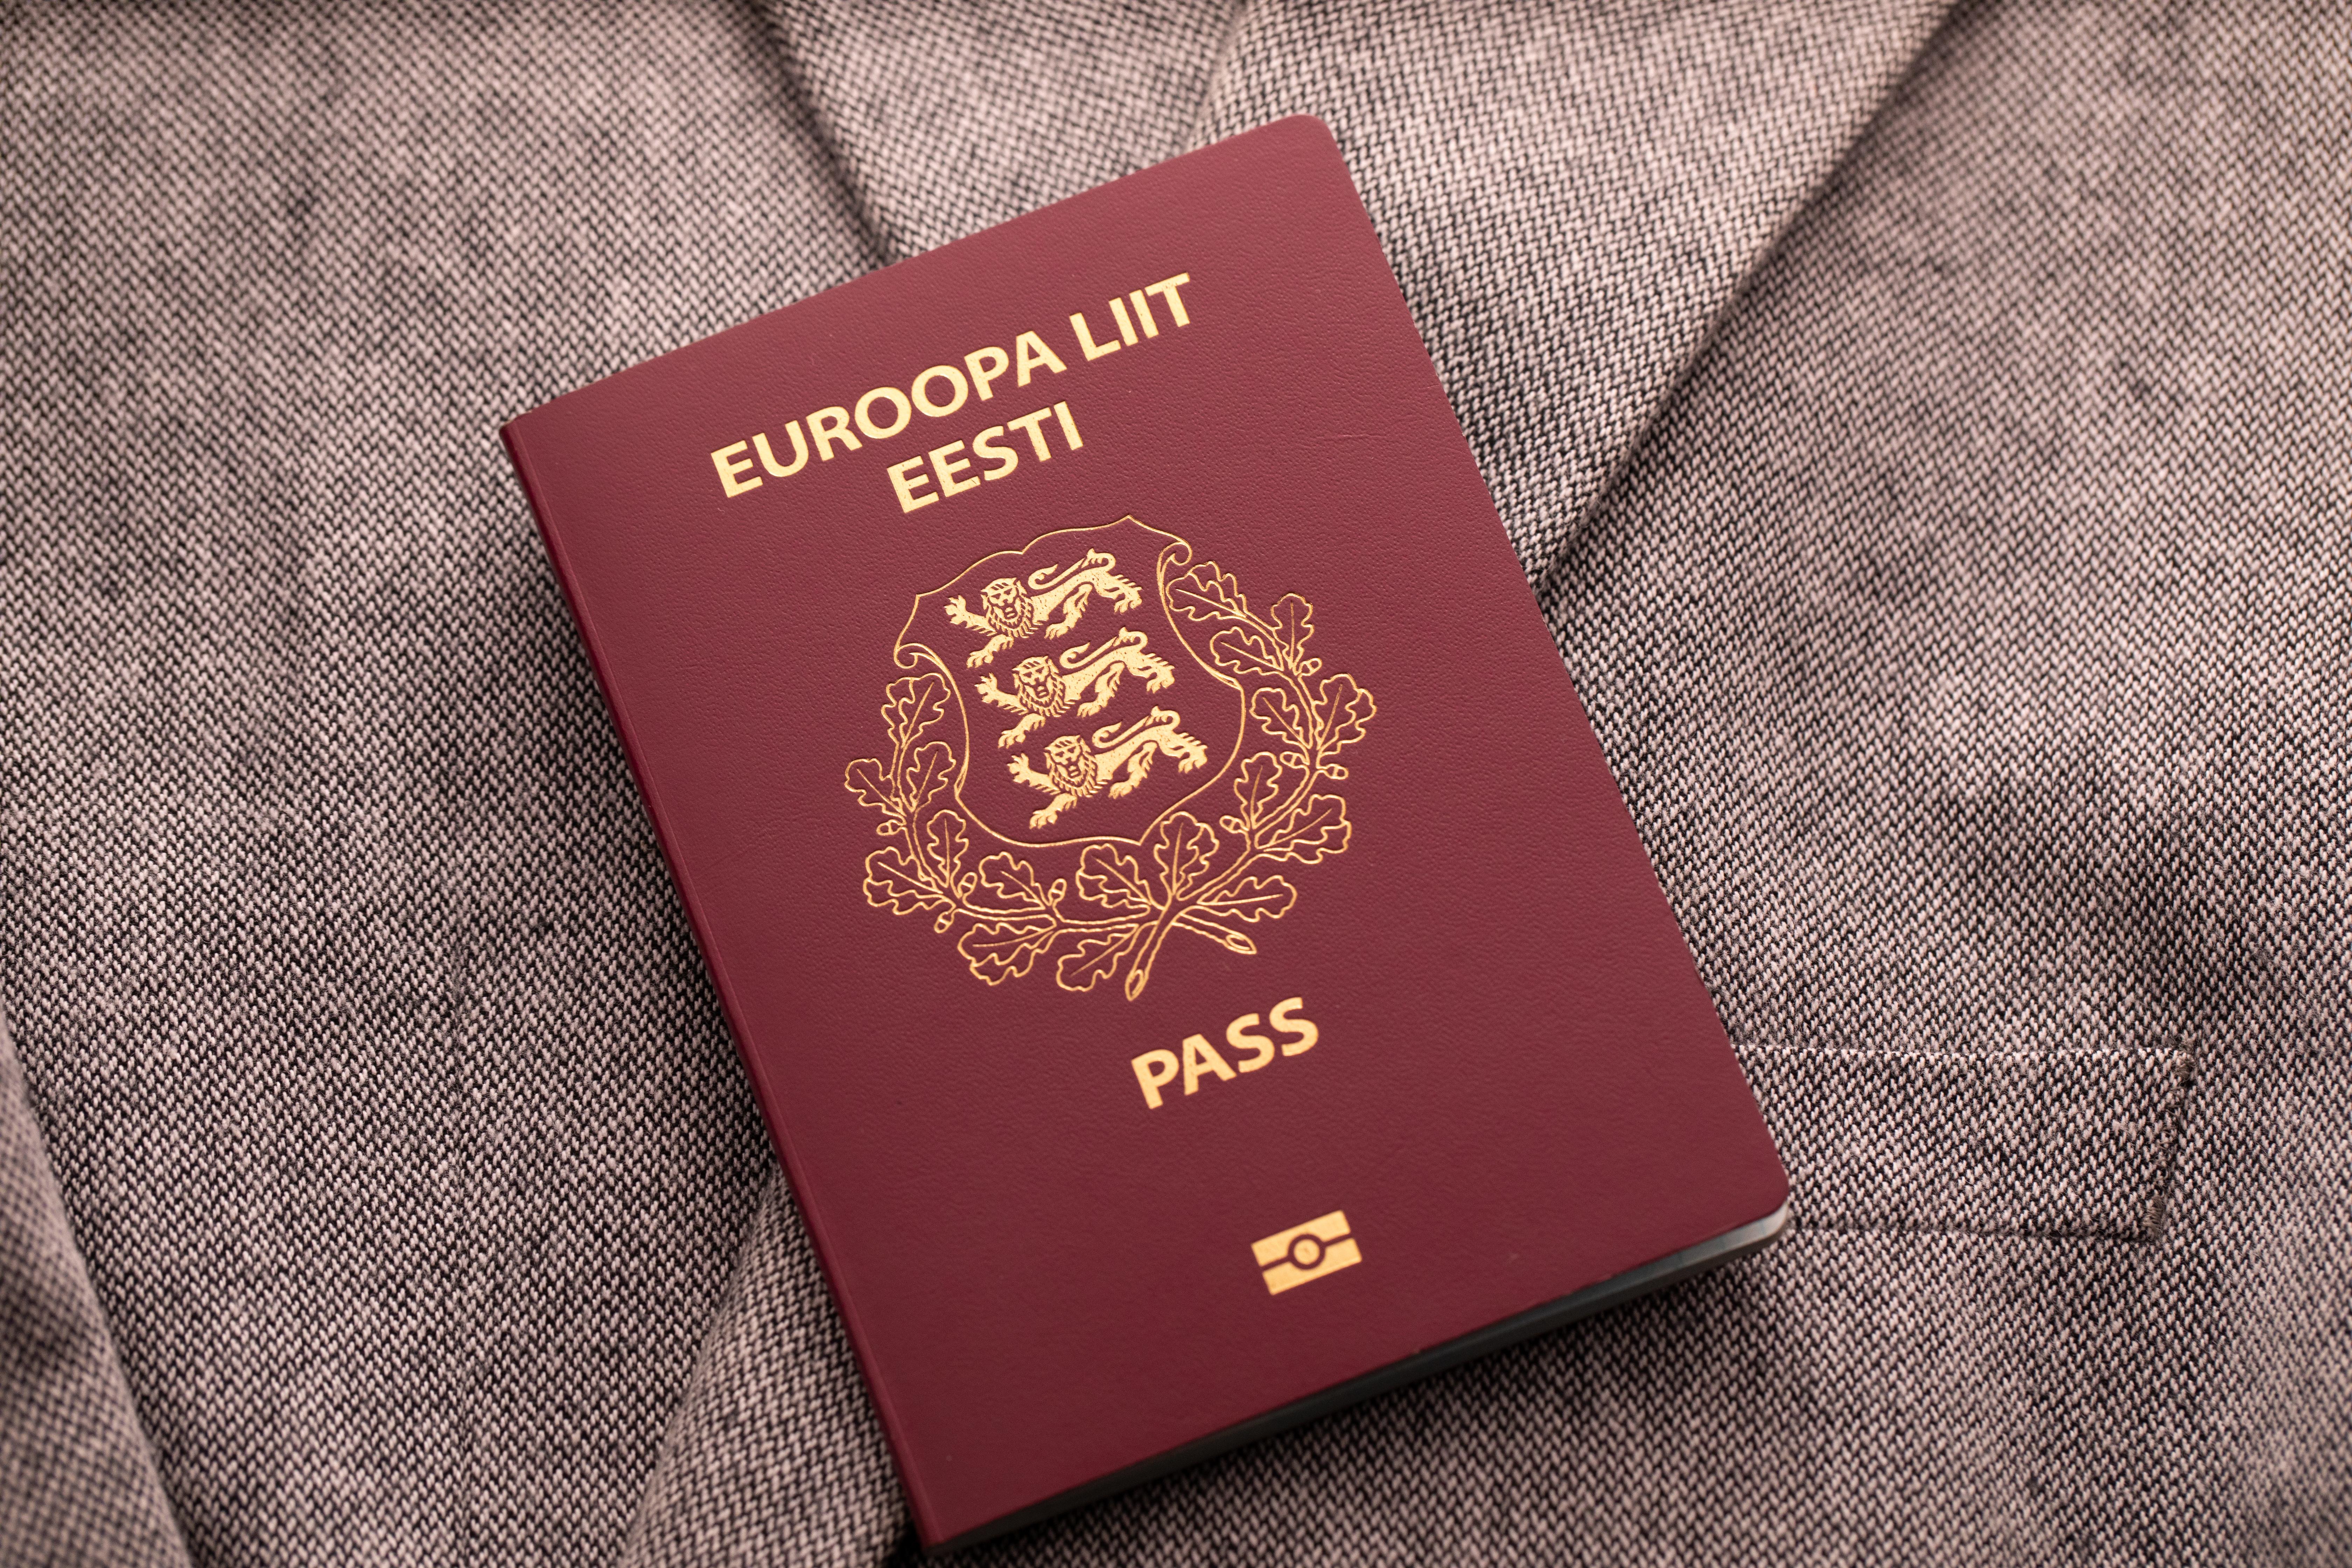 Паспорт Эстонии, который могут получить россияне, украинцы и белорусы